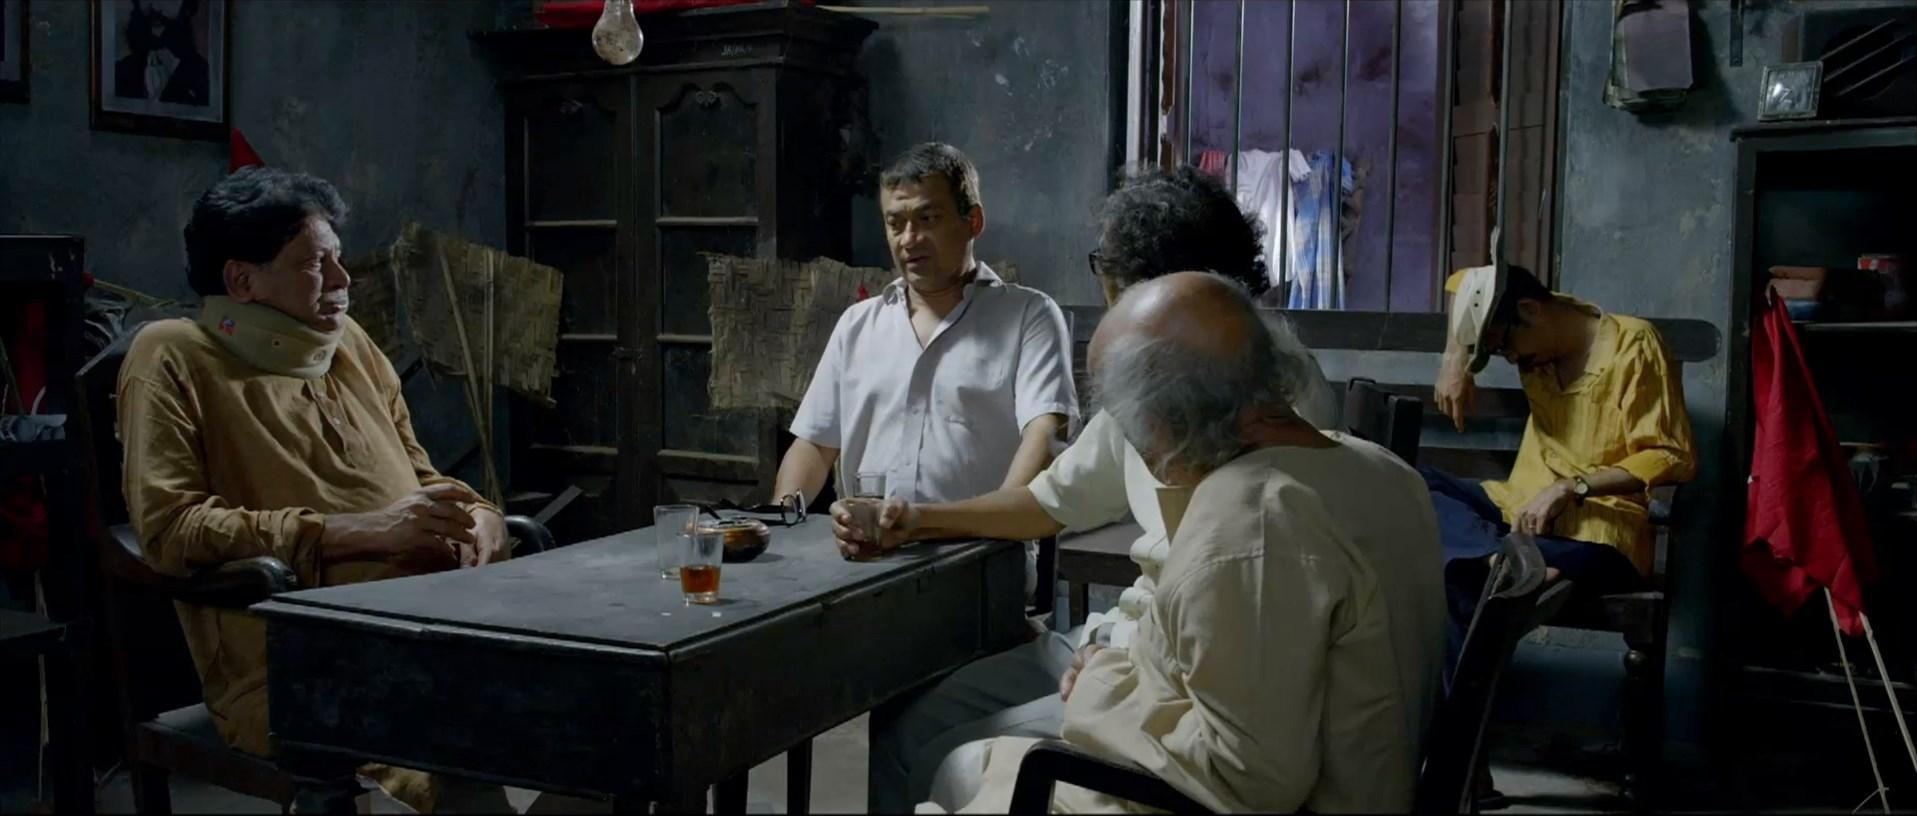 Baari Tar Bangla 2020.1080p.AMZN.WeB.DL.AVC.DDP.2.0.DusIcTv.mkv snapshot 00.58.34.400